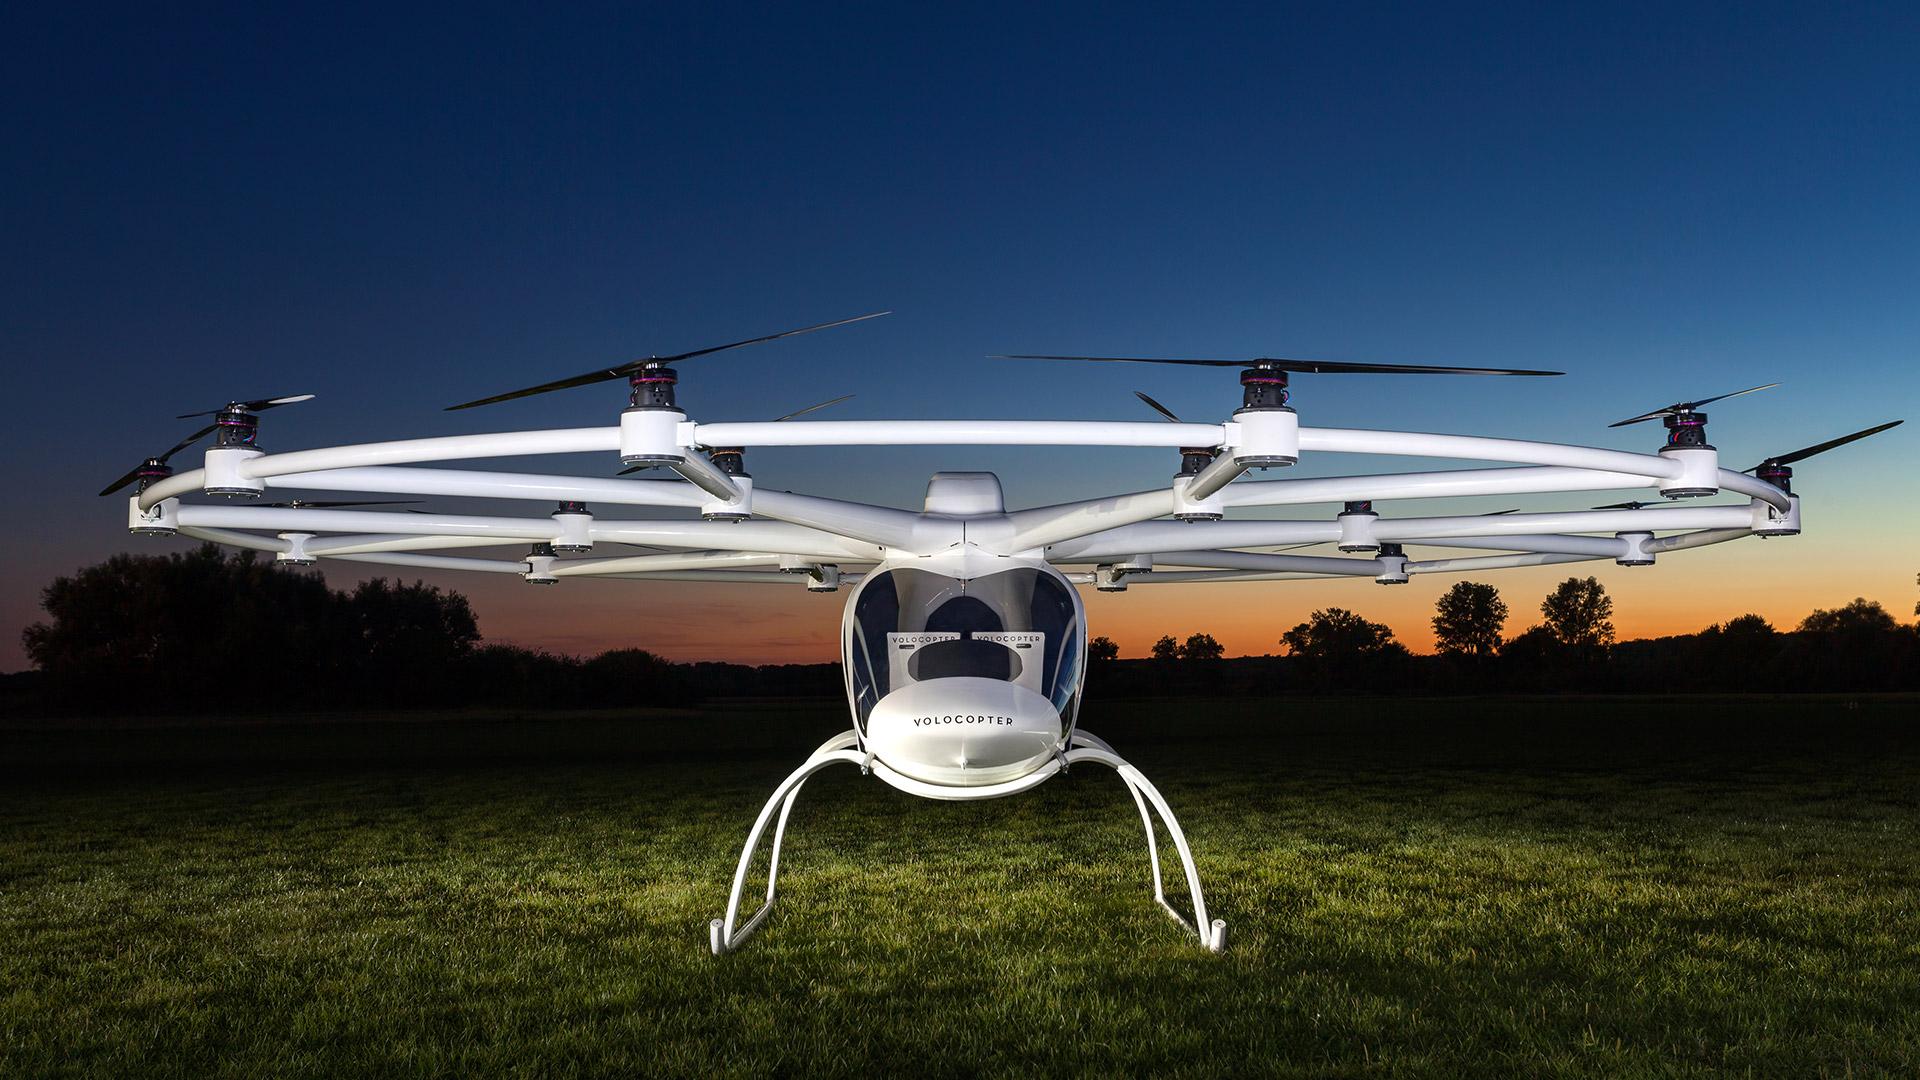 Velokopter Lufttaxi: Die zukunft gejhört der Elekromobilitäte